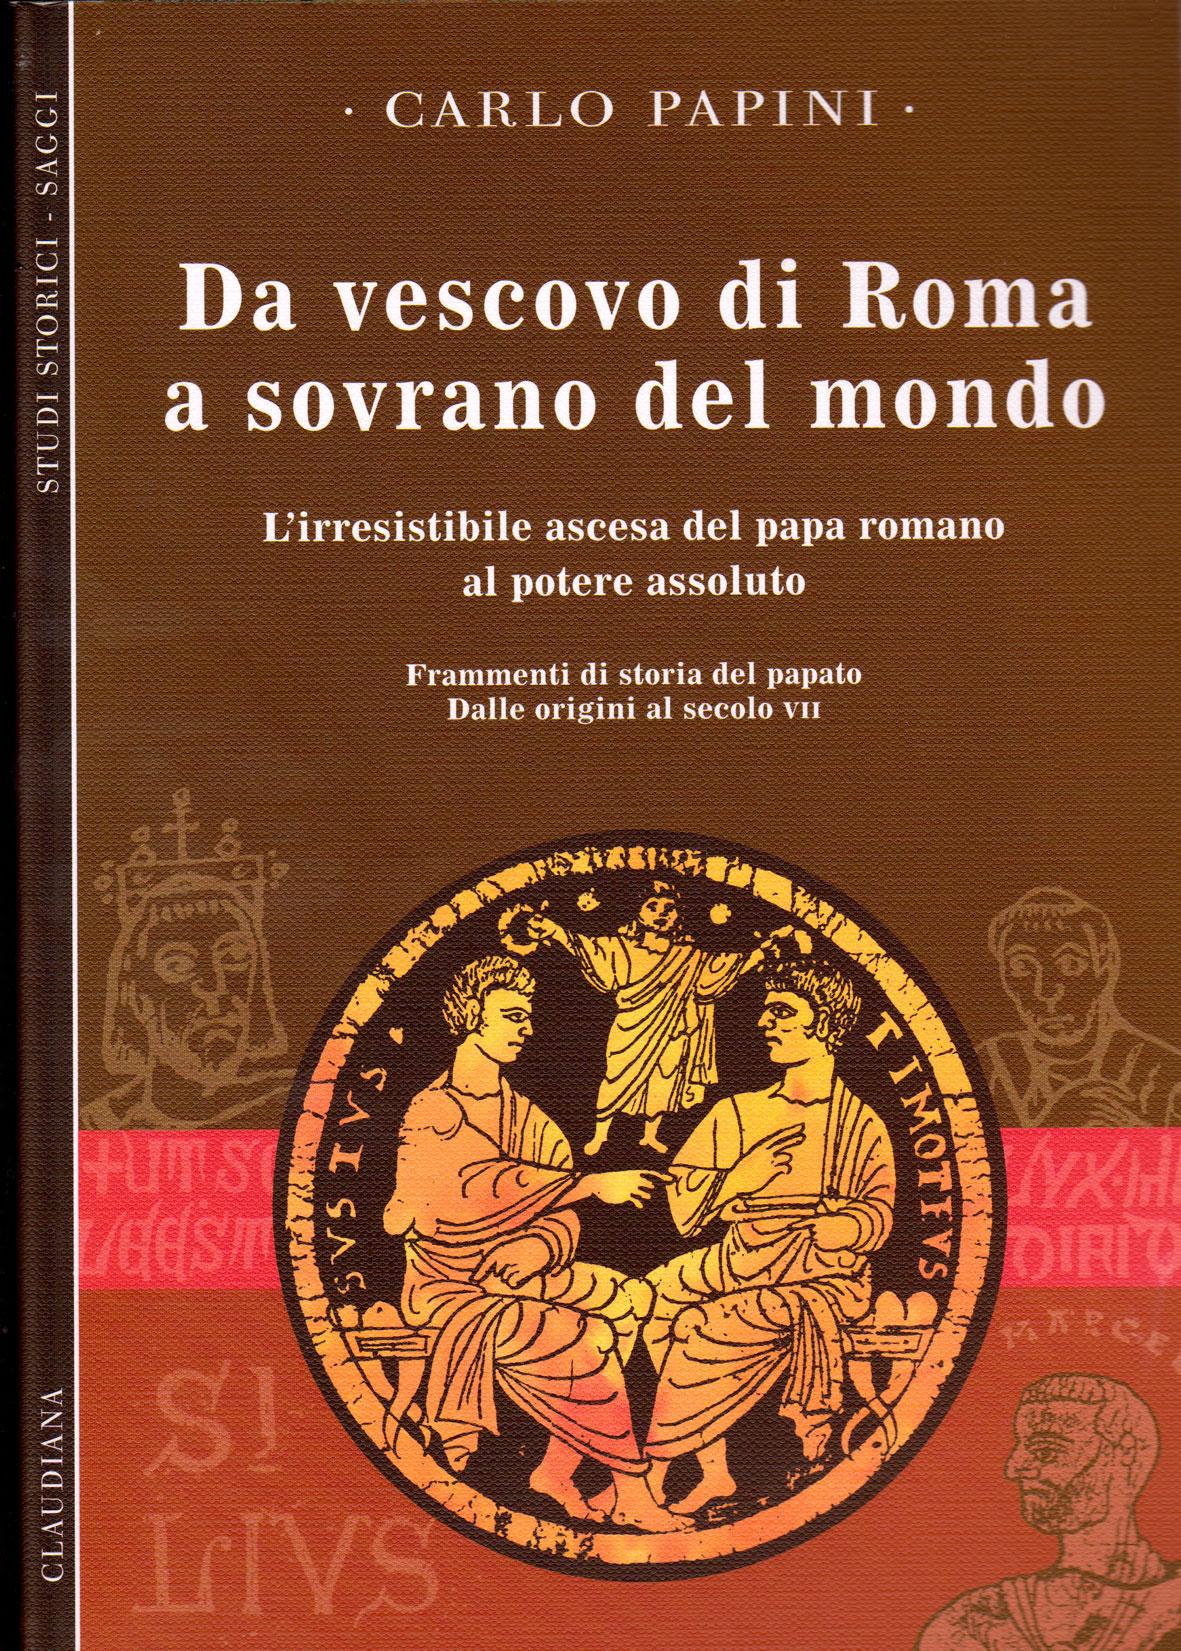 Da vescovo di Roma a sovrano del mondo